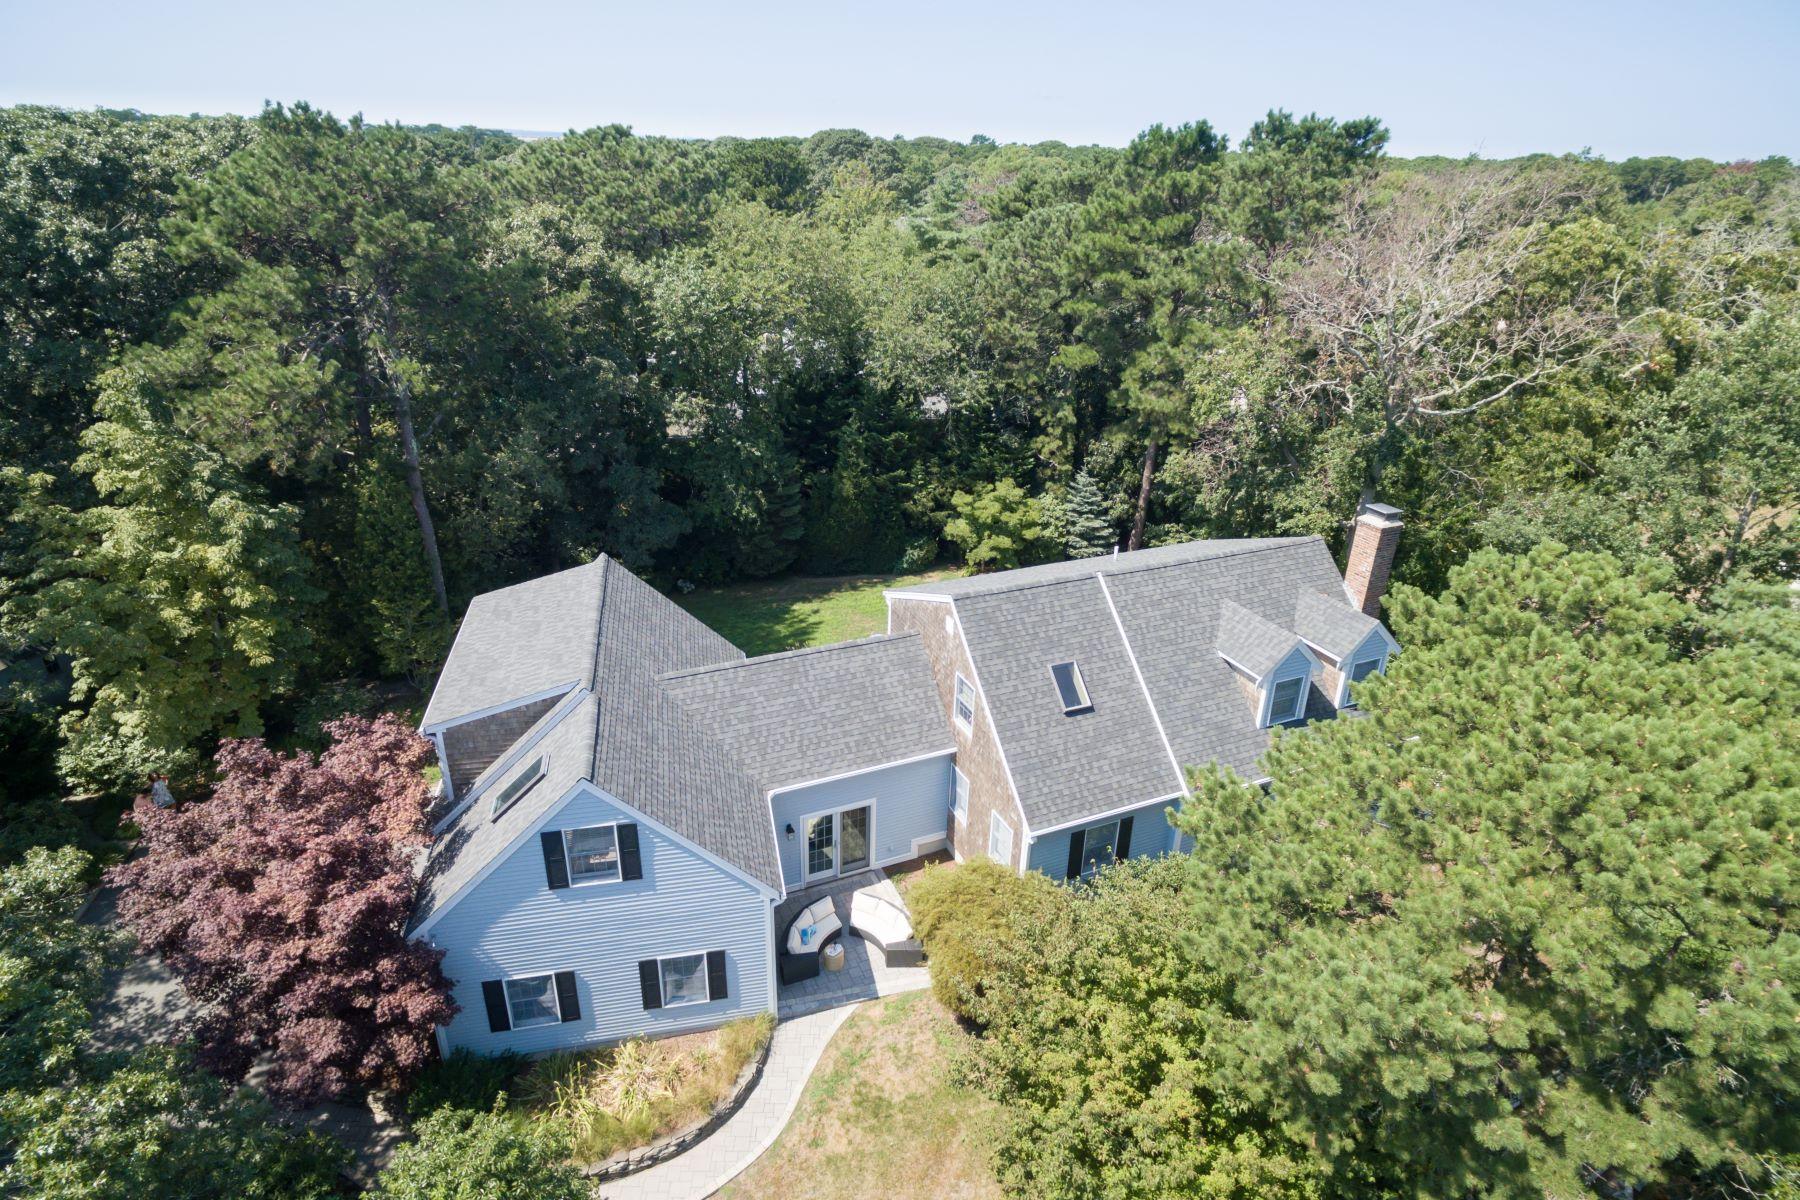 独户住宅 为 销售 在 Beautifully Renovated with Views 89 Lookout Road 雅茅斯, 马萨诸塞州, 02675 美国